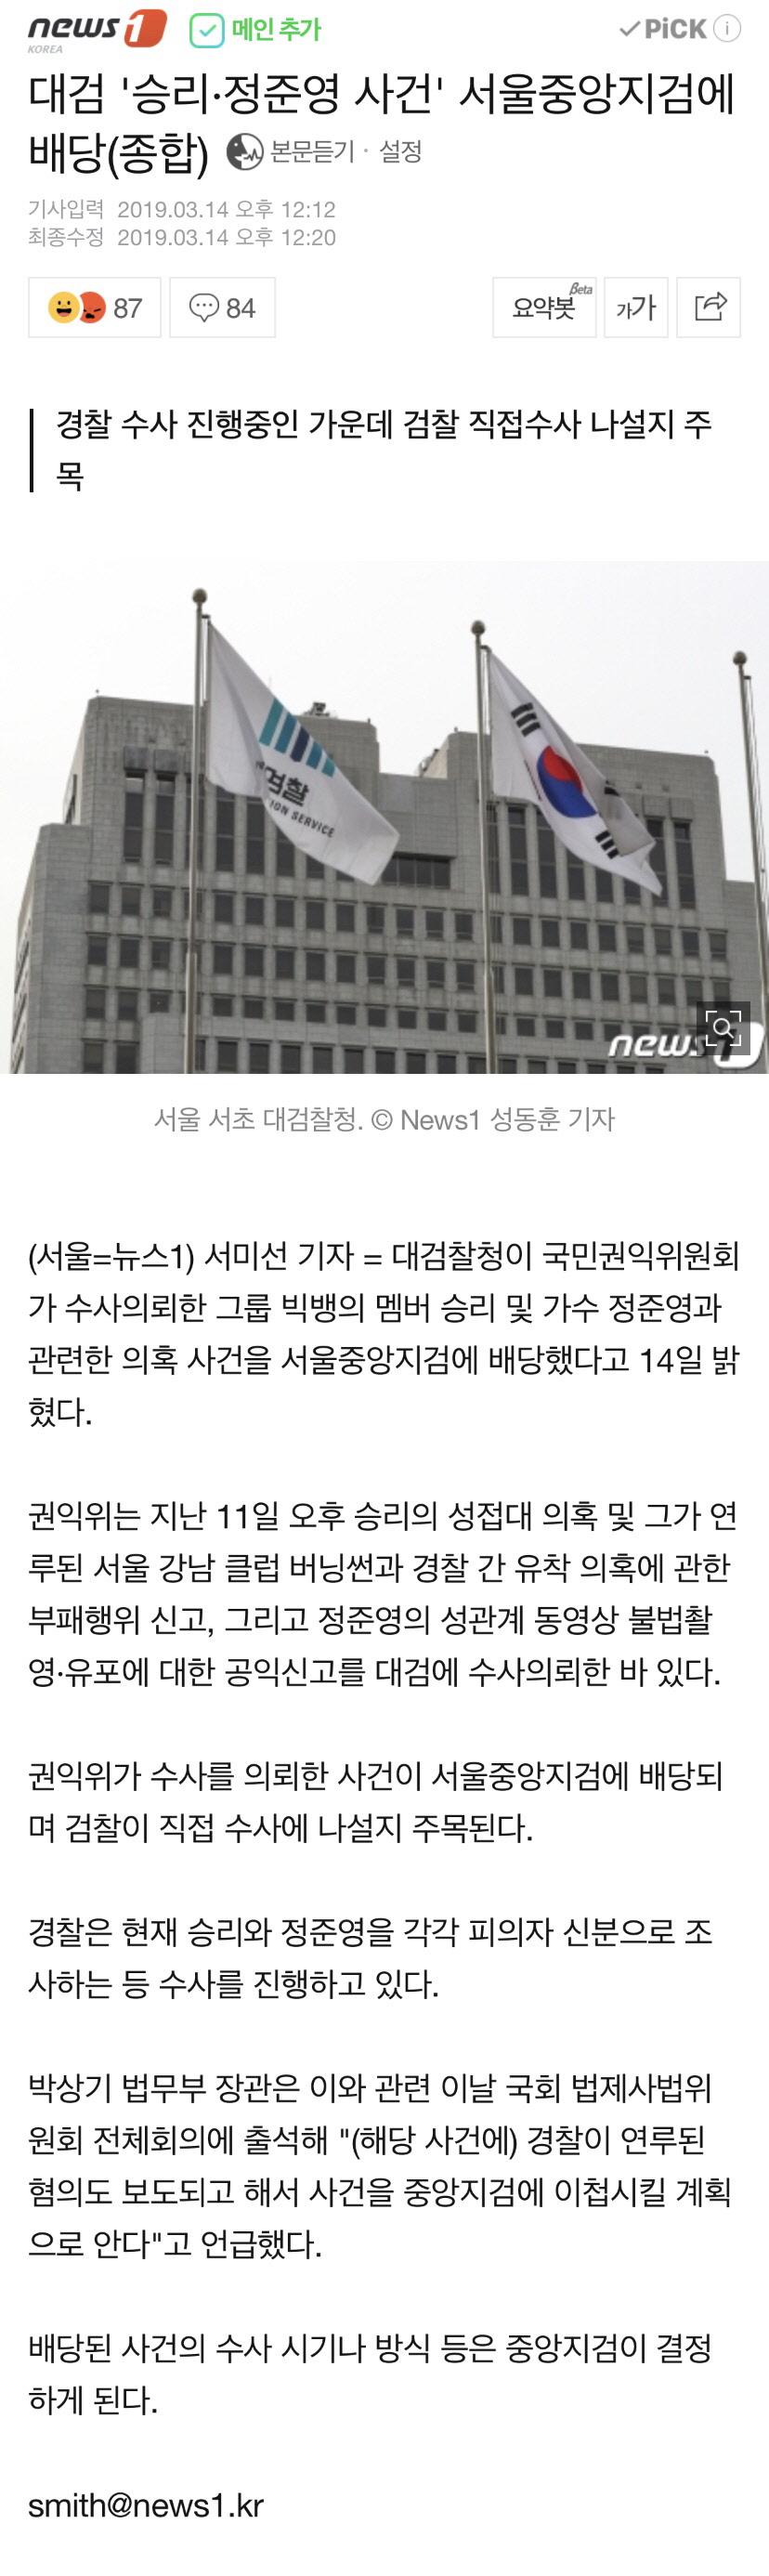 서울중앙지검에 배당